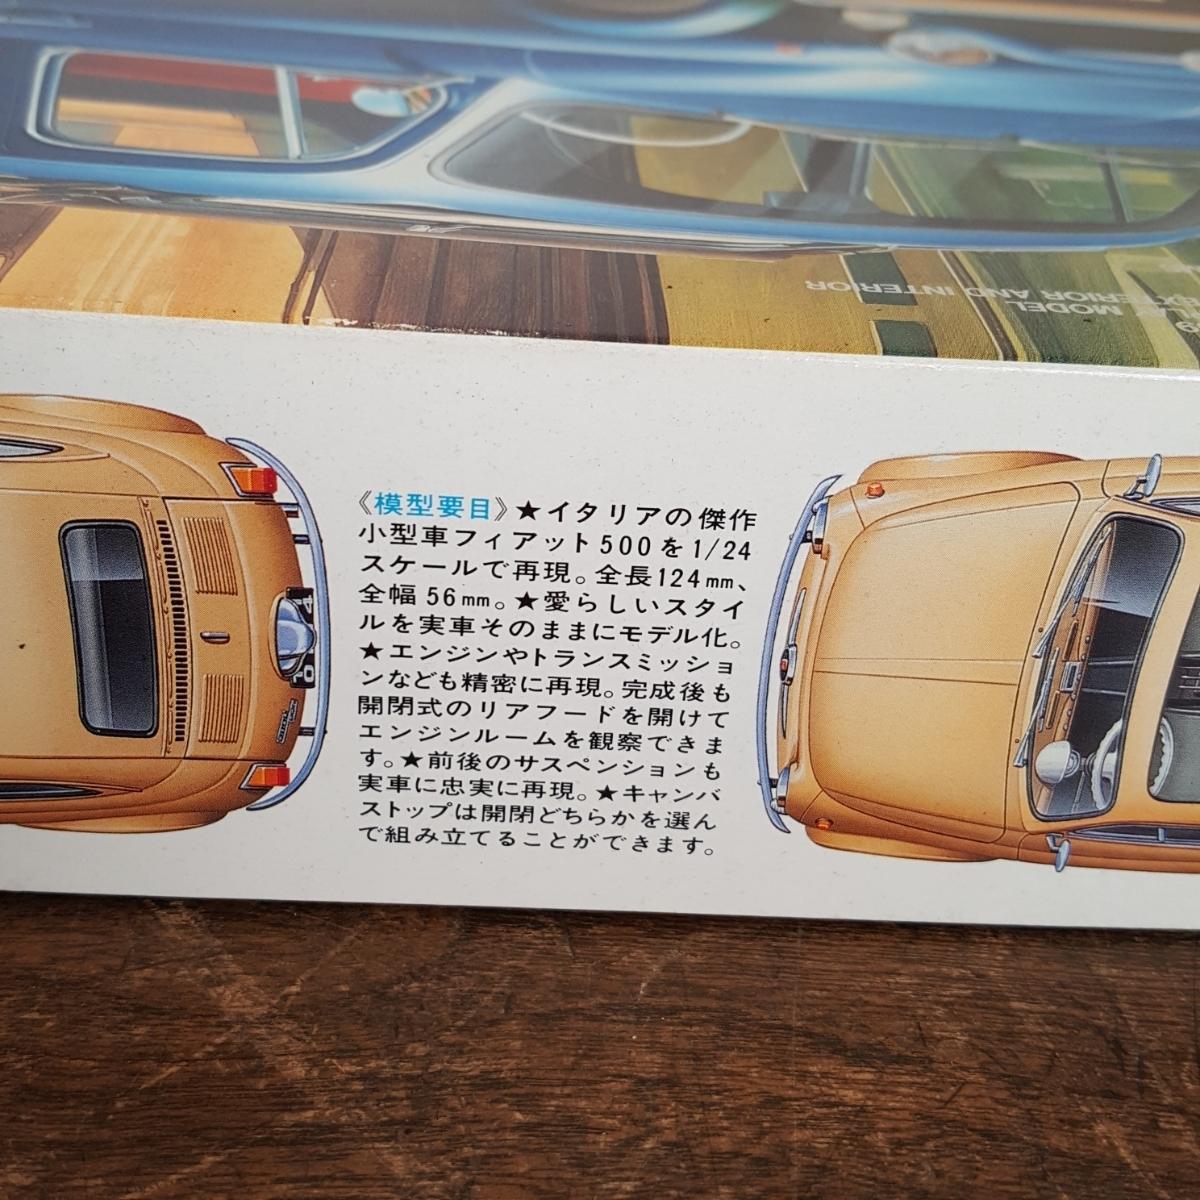 蔵出 未組立 長期保管品 1/24 TAMIYA フィアット 500F スポーツカー シリーズ FIAT タミヤ 田宮 模型 レトロ ヴィンテージ プラモデル 玩具_画像4